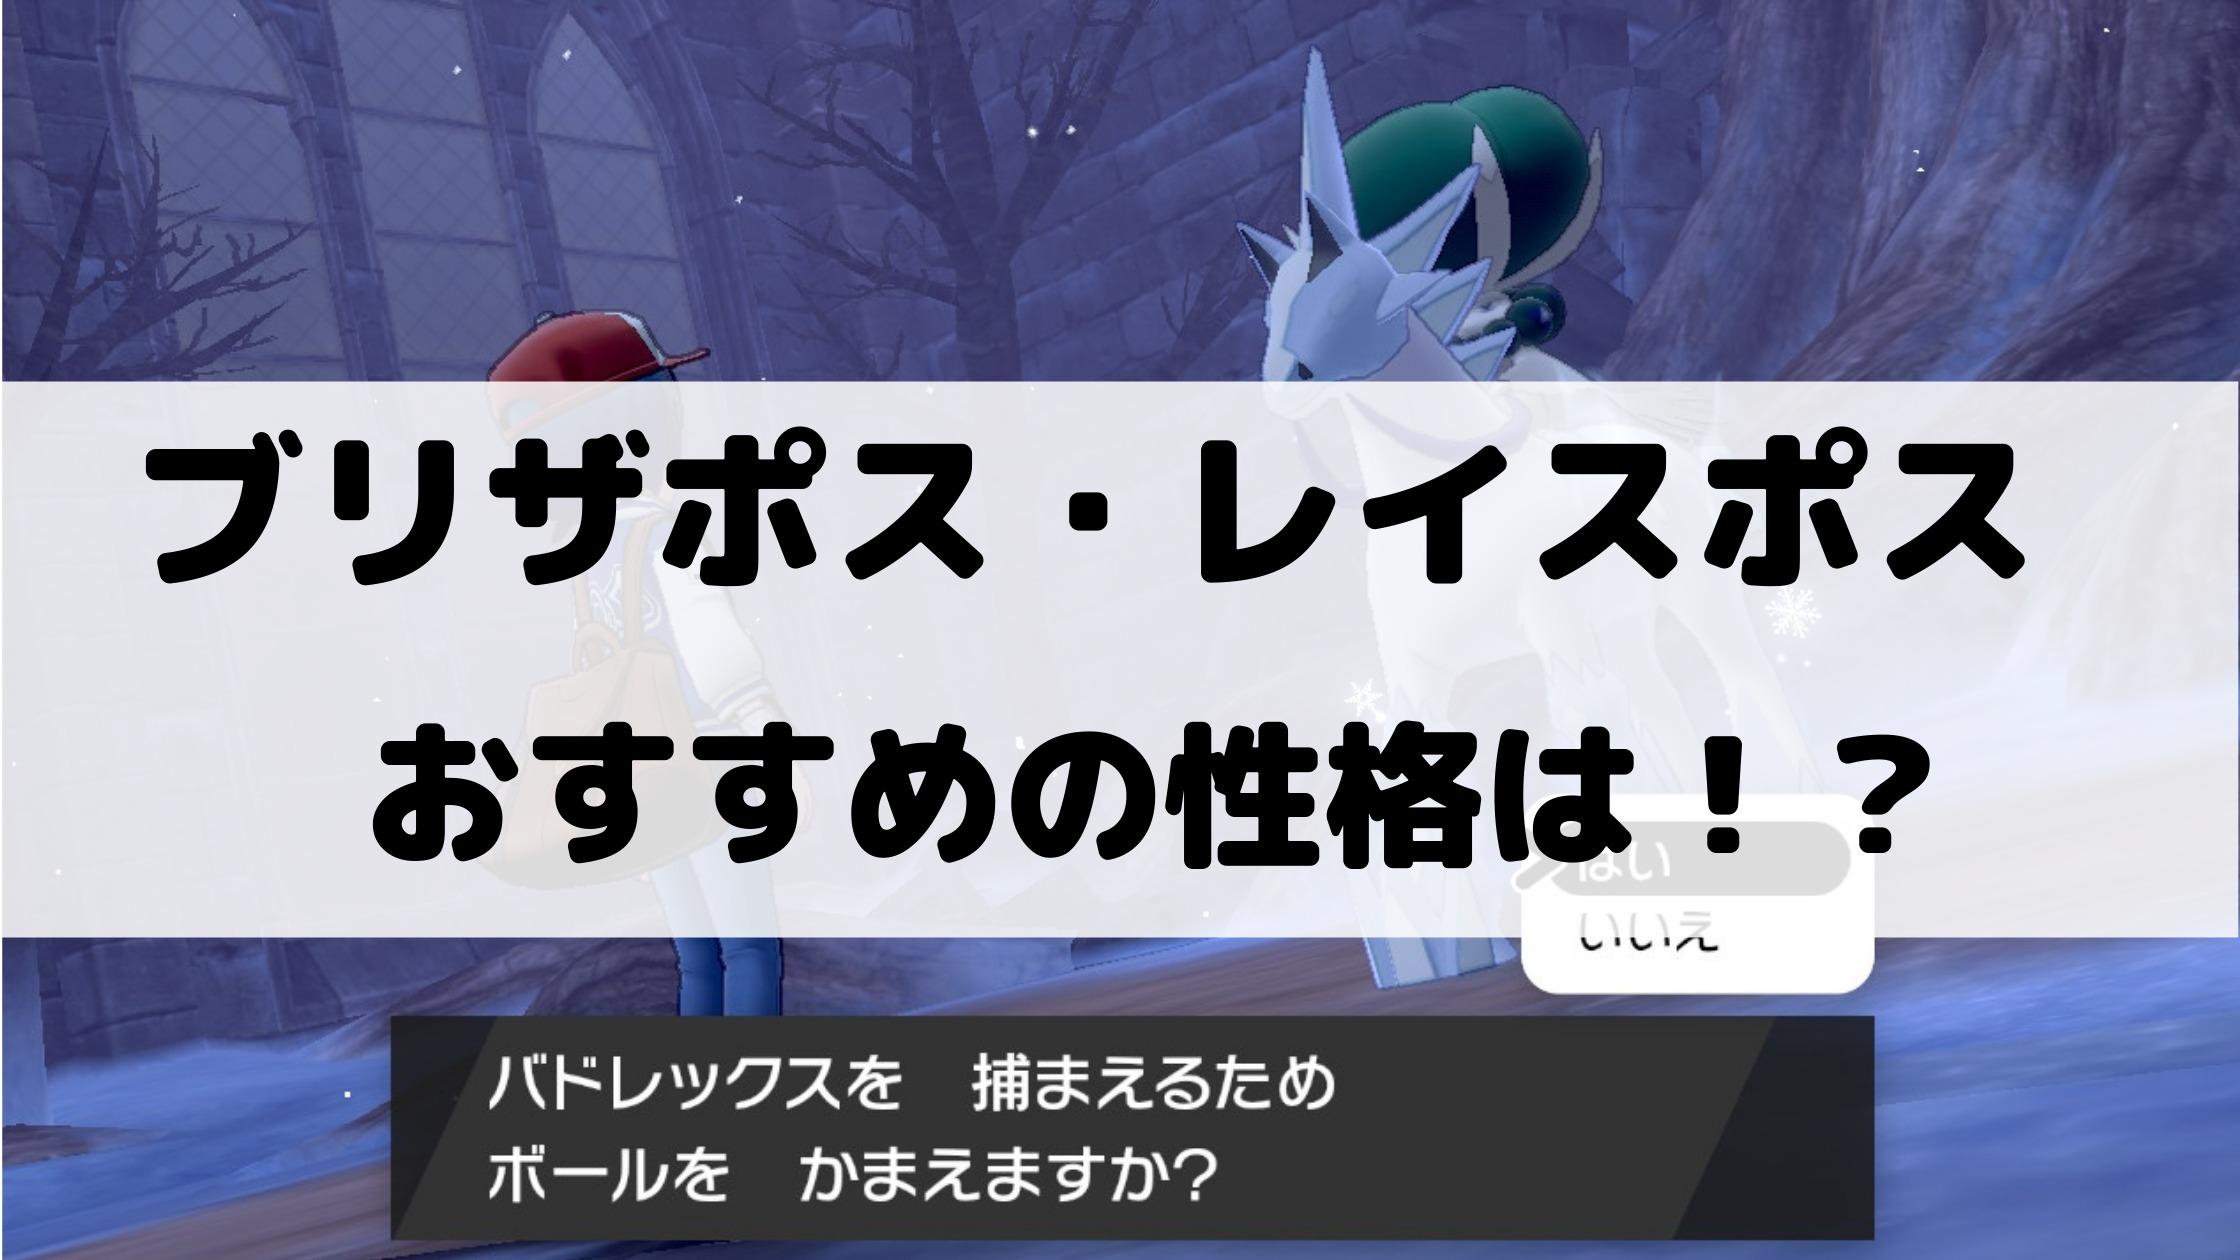 ブリオン 盾 ポケモン 論 剣 育成